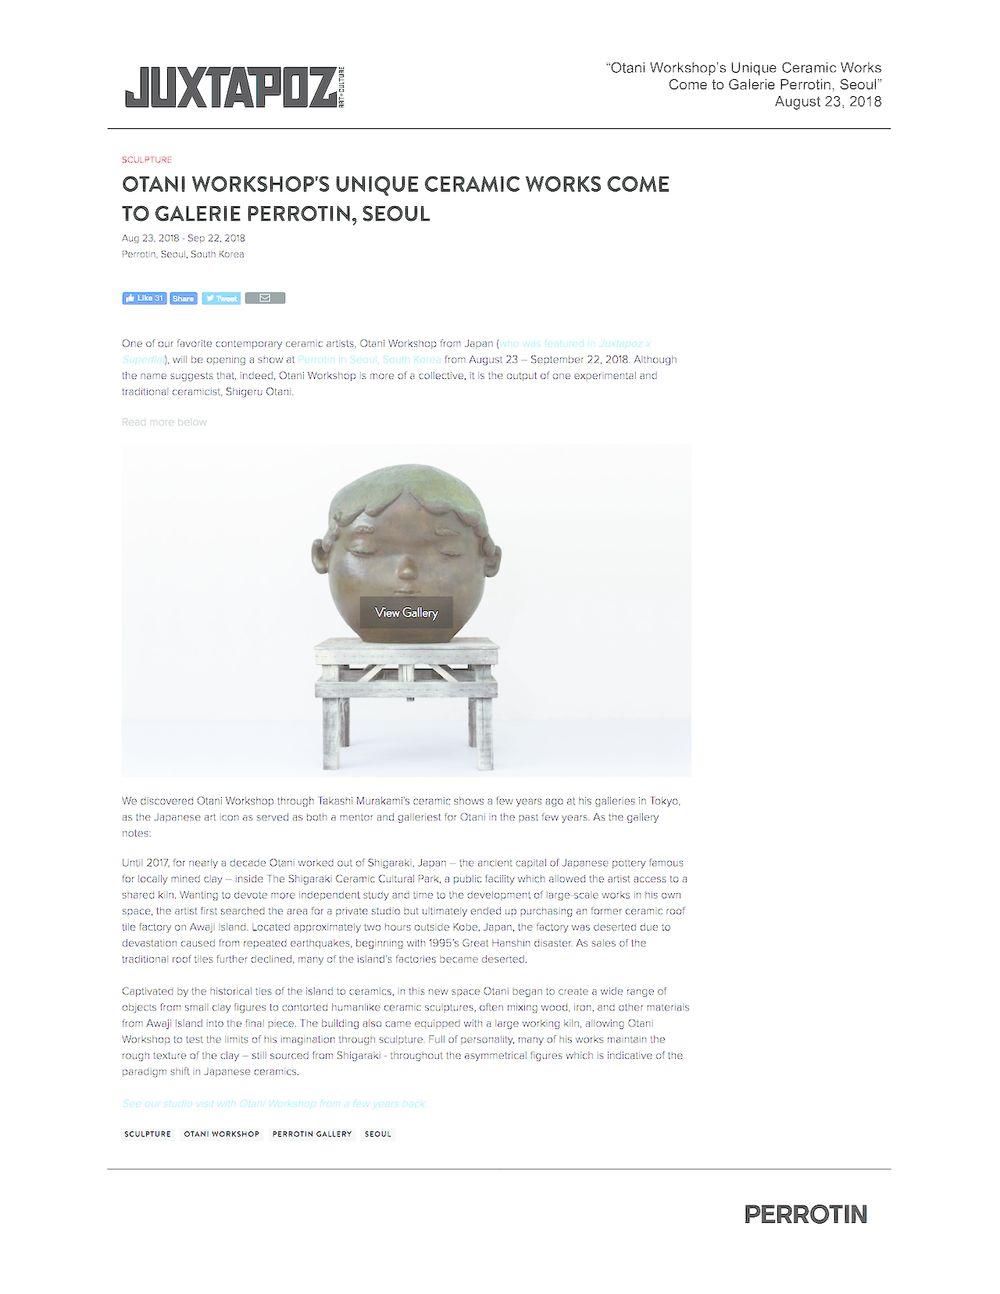 Juxtapoz | Otani Workshop